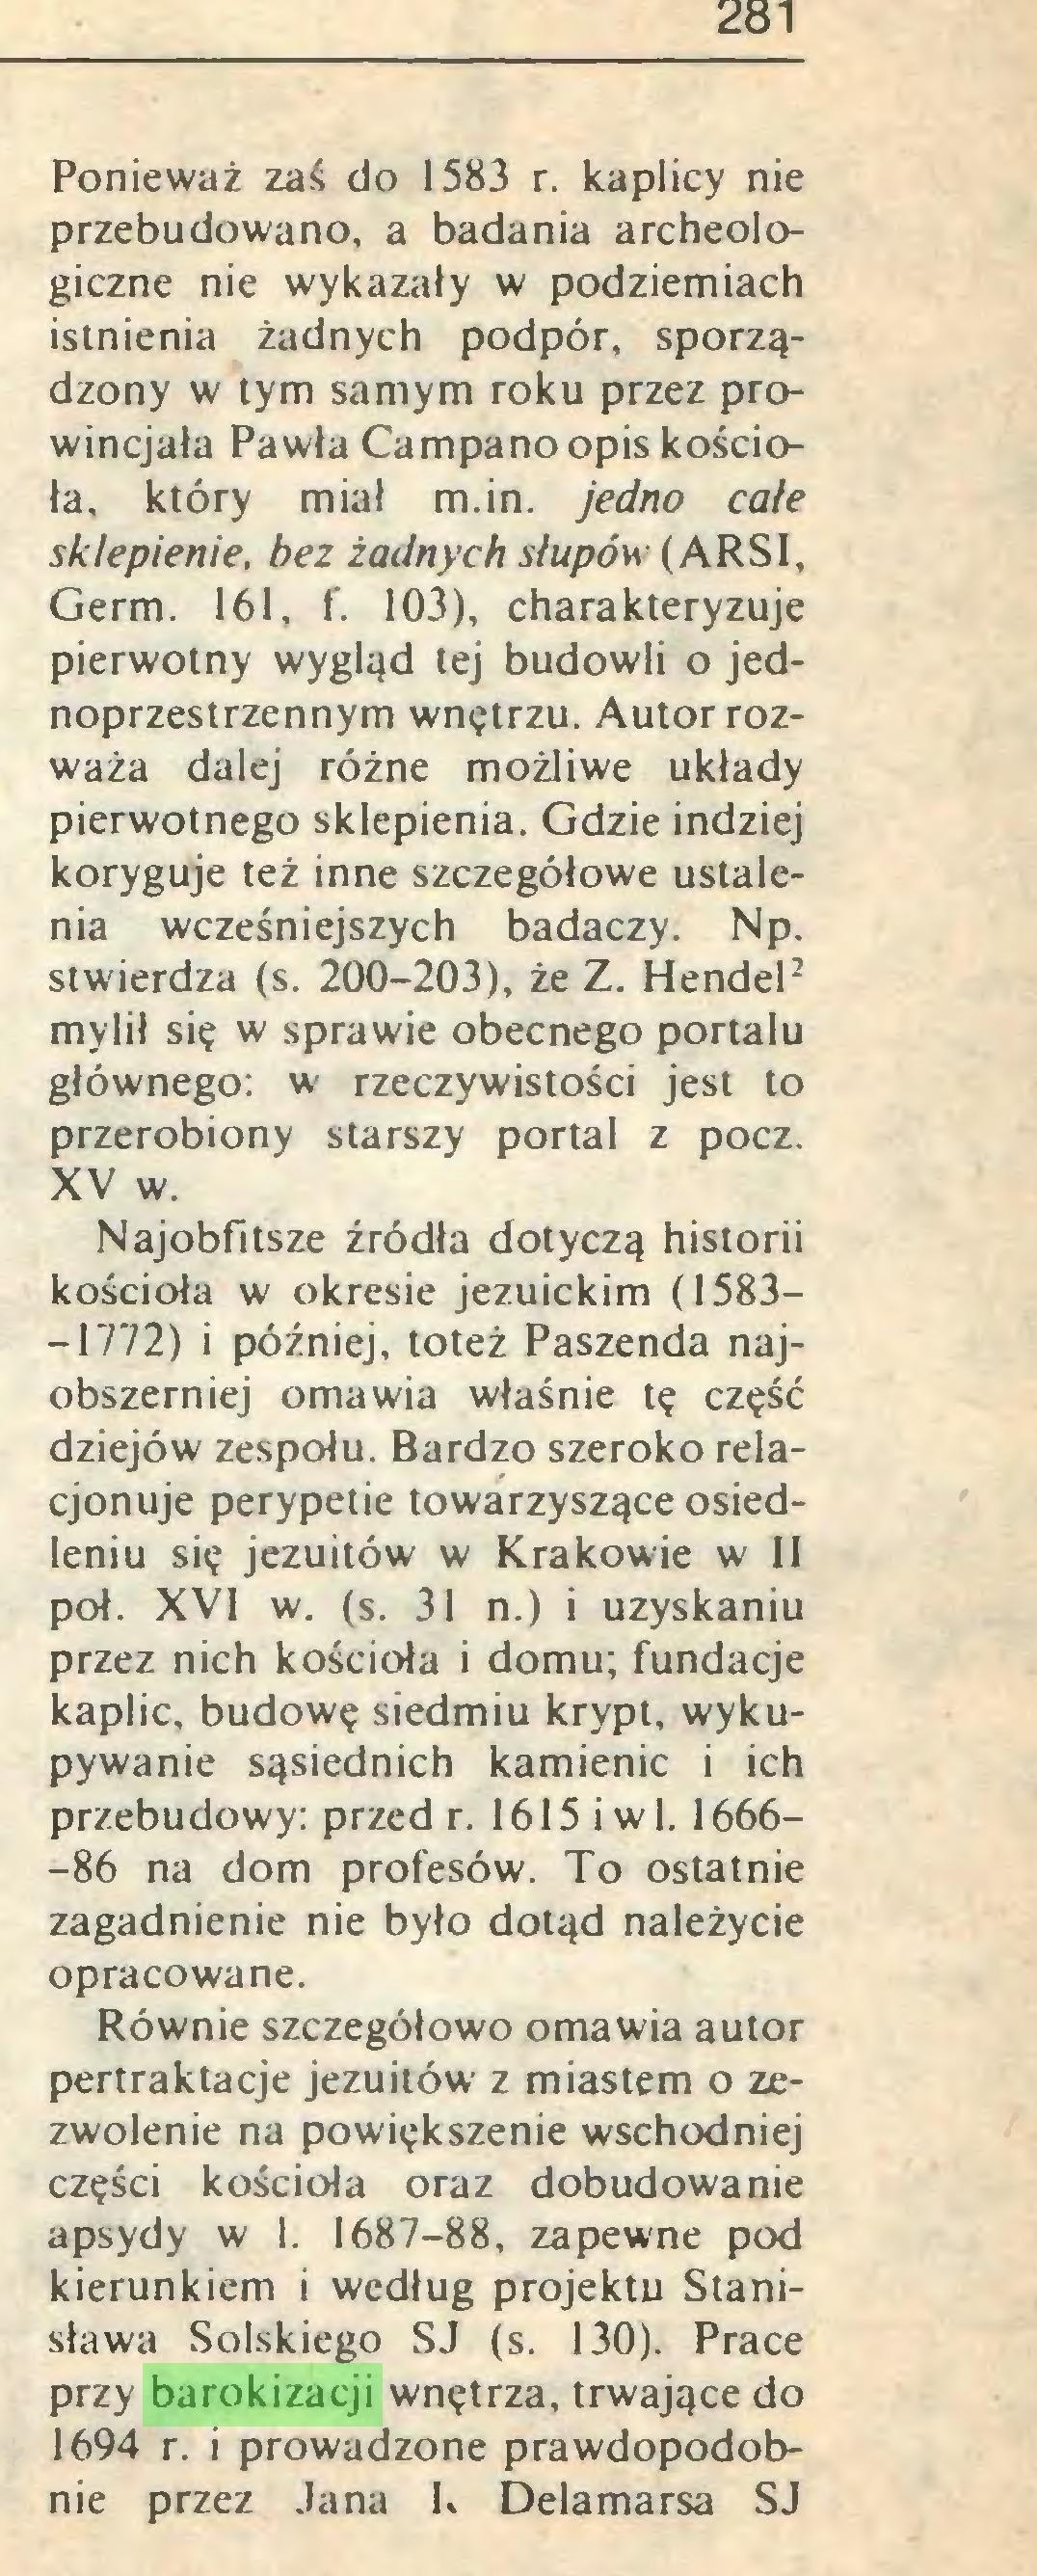 (...) apsydy w 1. 1687-88, zapewne pod kierunkiem i według projektu Stanisława Solskiego SJ (s. 130). Prace przy barokizacji wnętrza, trwające do 1694 r. i prowadzone prawdopodobnie przez Jana h Delamarsa SJ 282...